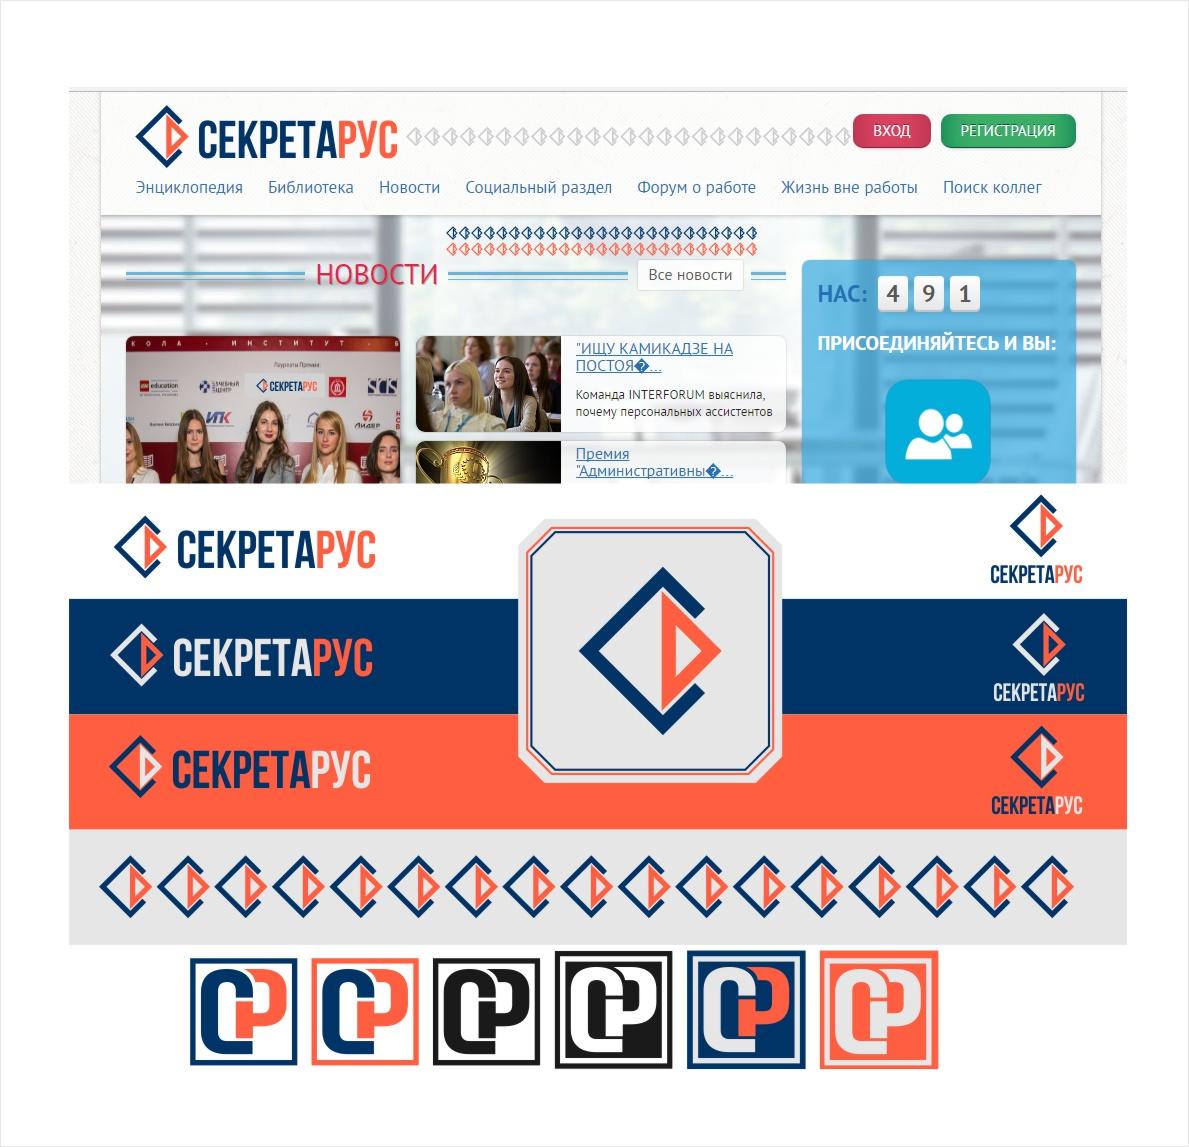 Разработка логотипа и фирменного стиля для сайта фото f_5555a50c98d477b2.jpg